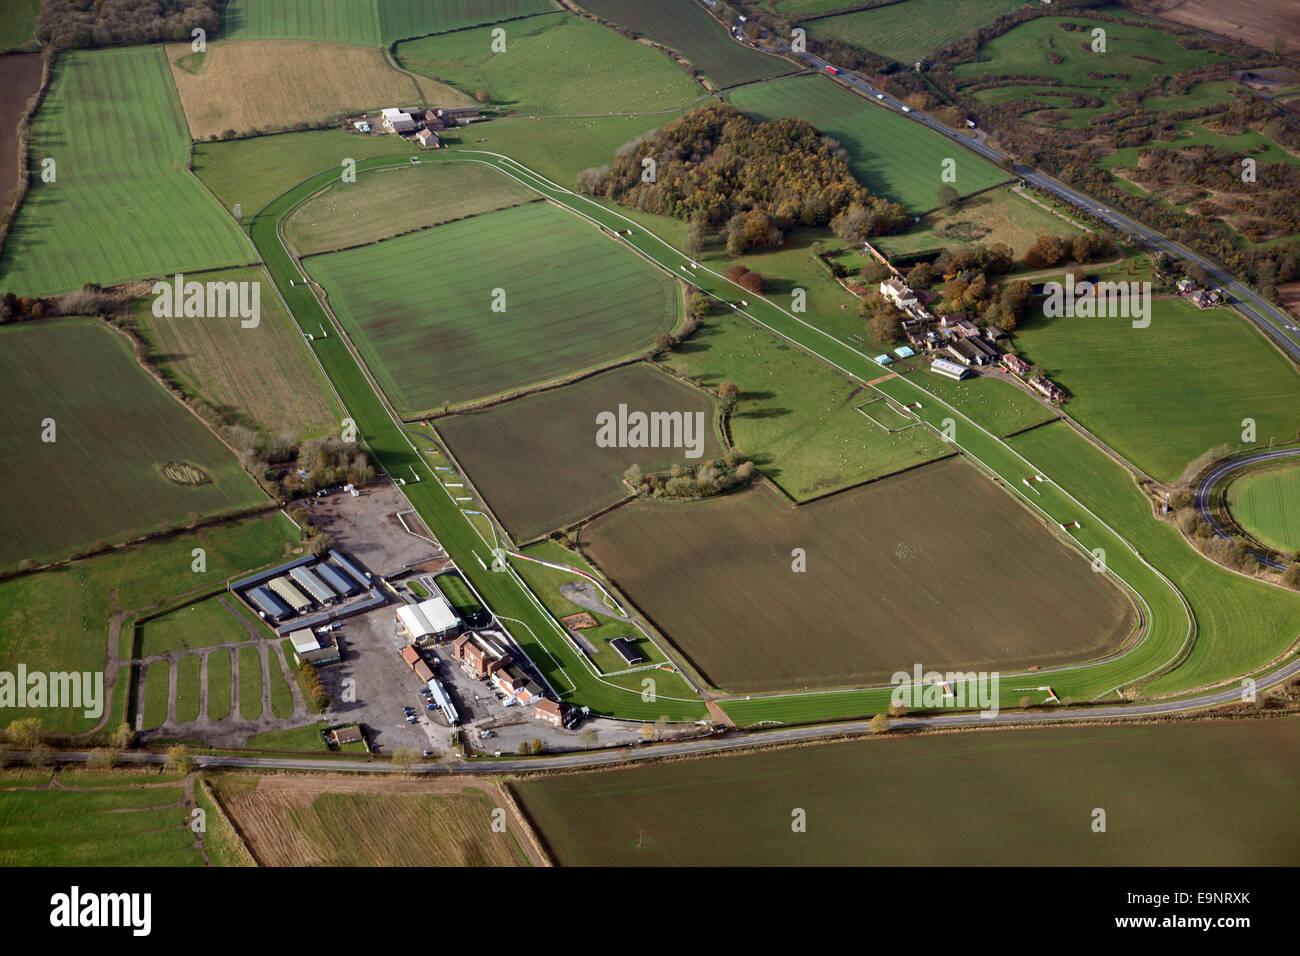 Vista aerea di Sedgefield racecourse nel nord-est dell'Inghilterra, Regno Unito Immagini Stock